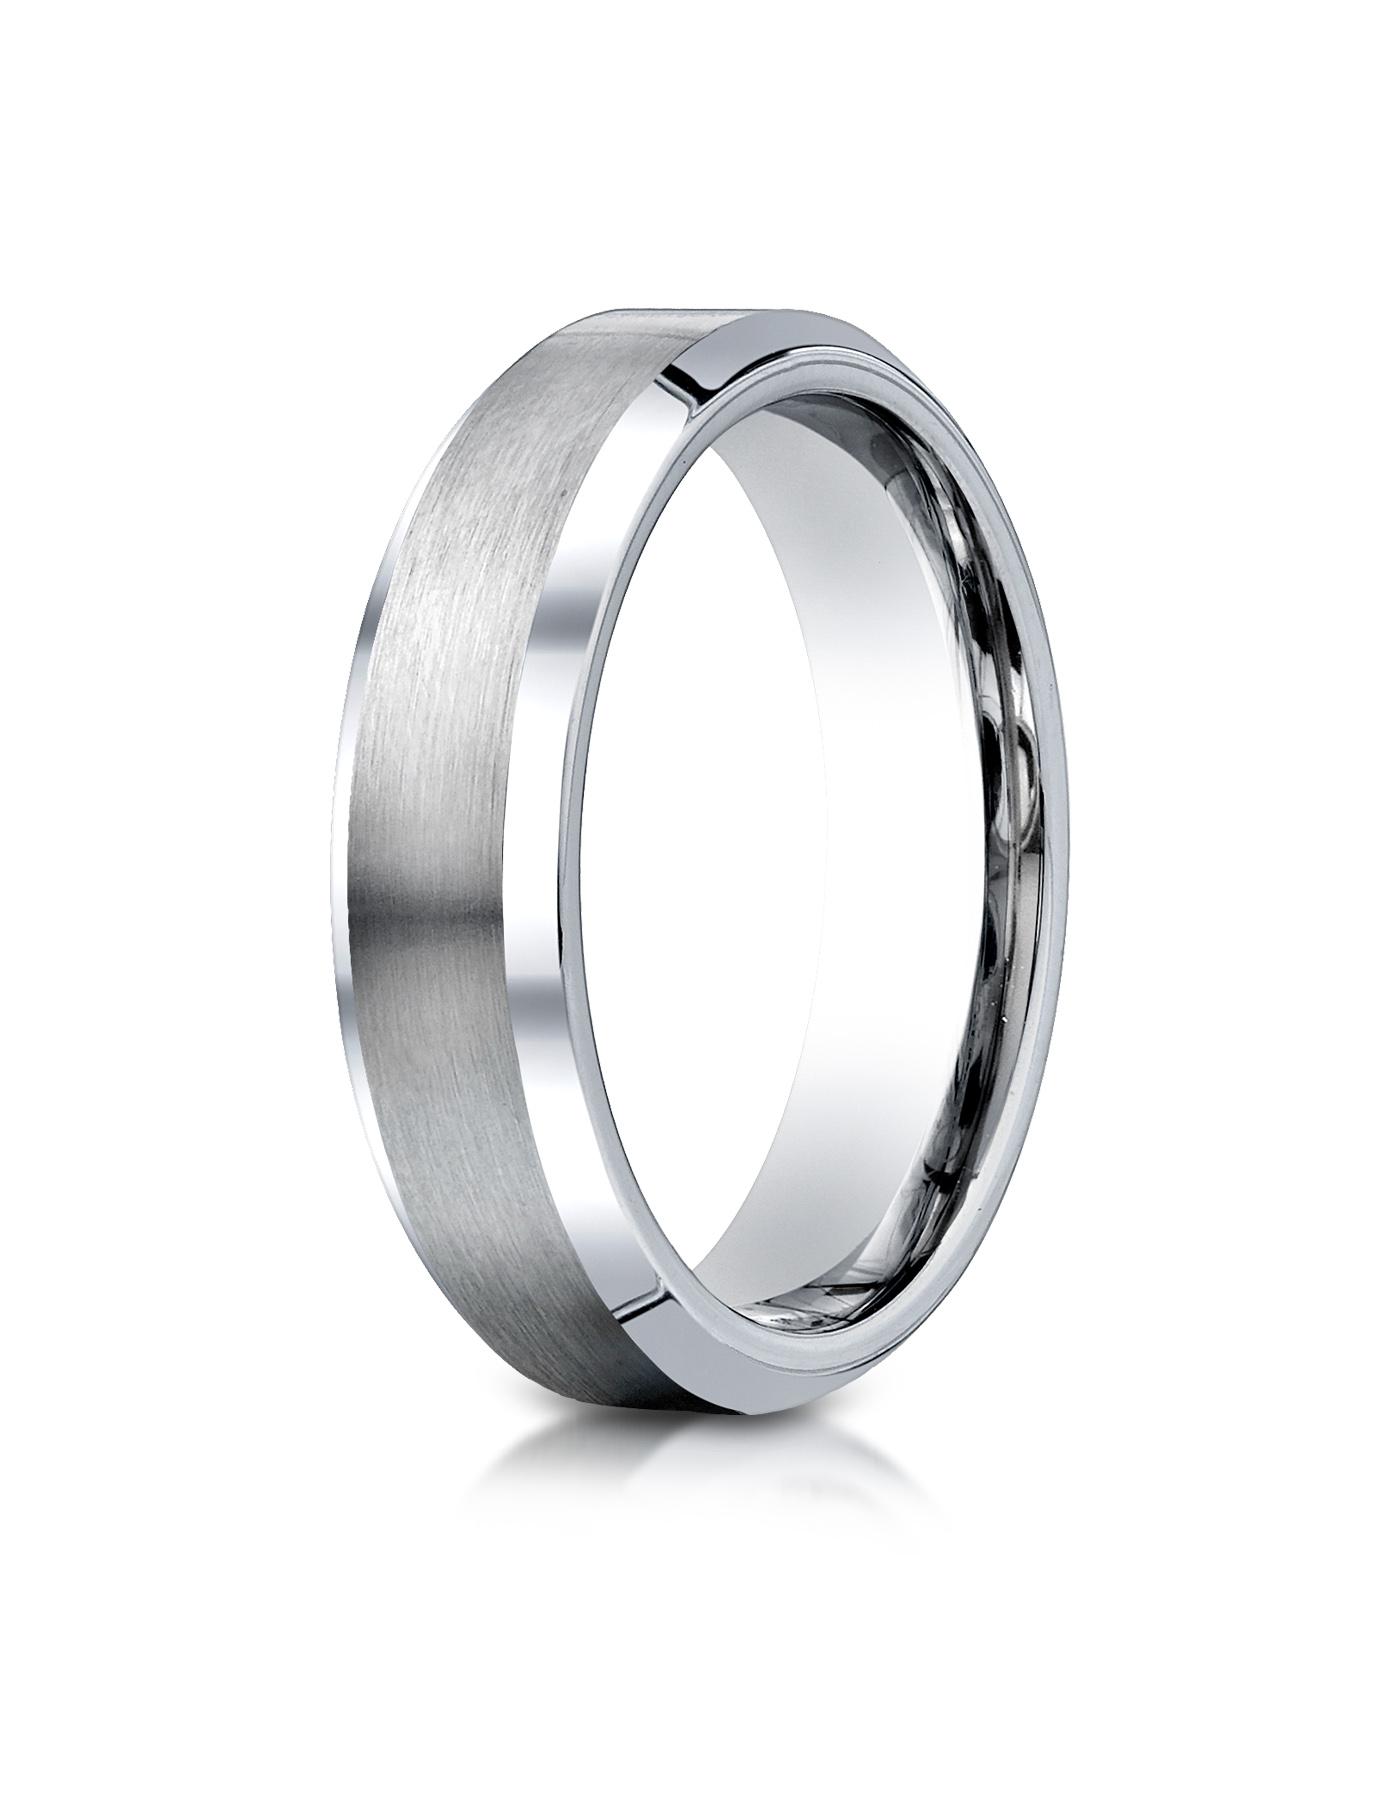 Benchmark Cobaltchrome 6mm Comfort-Fit Satin-Finished Beveled Edge Design Ring